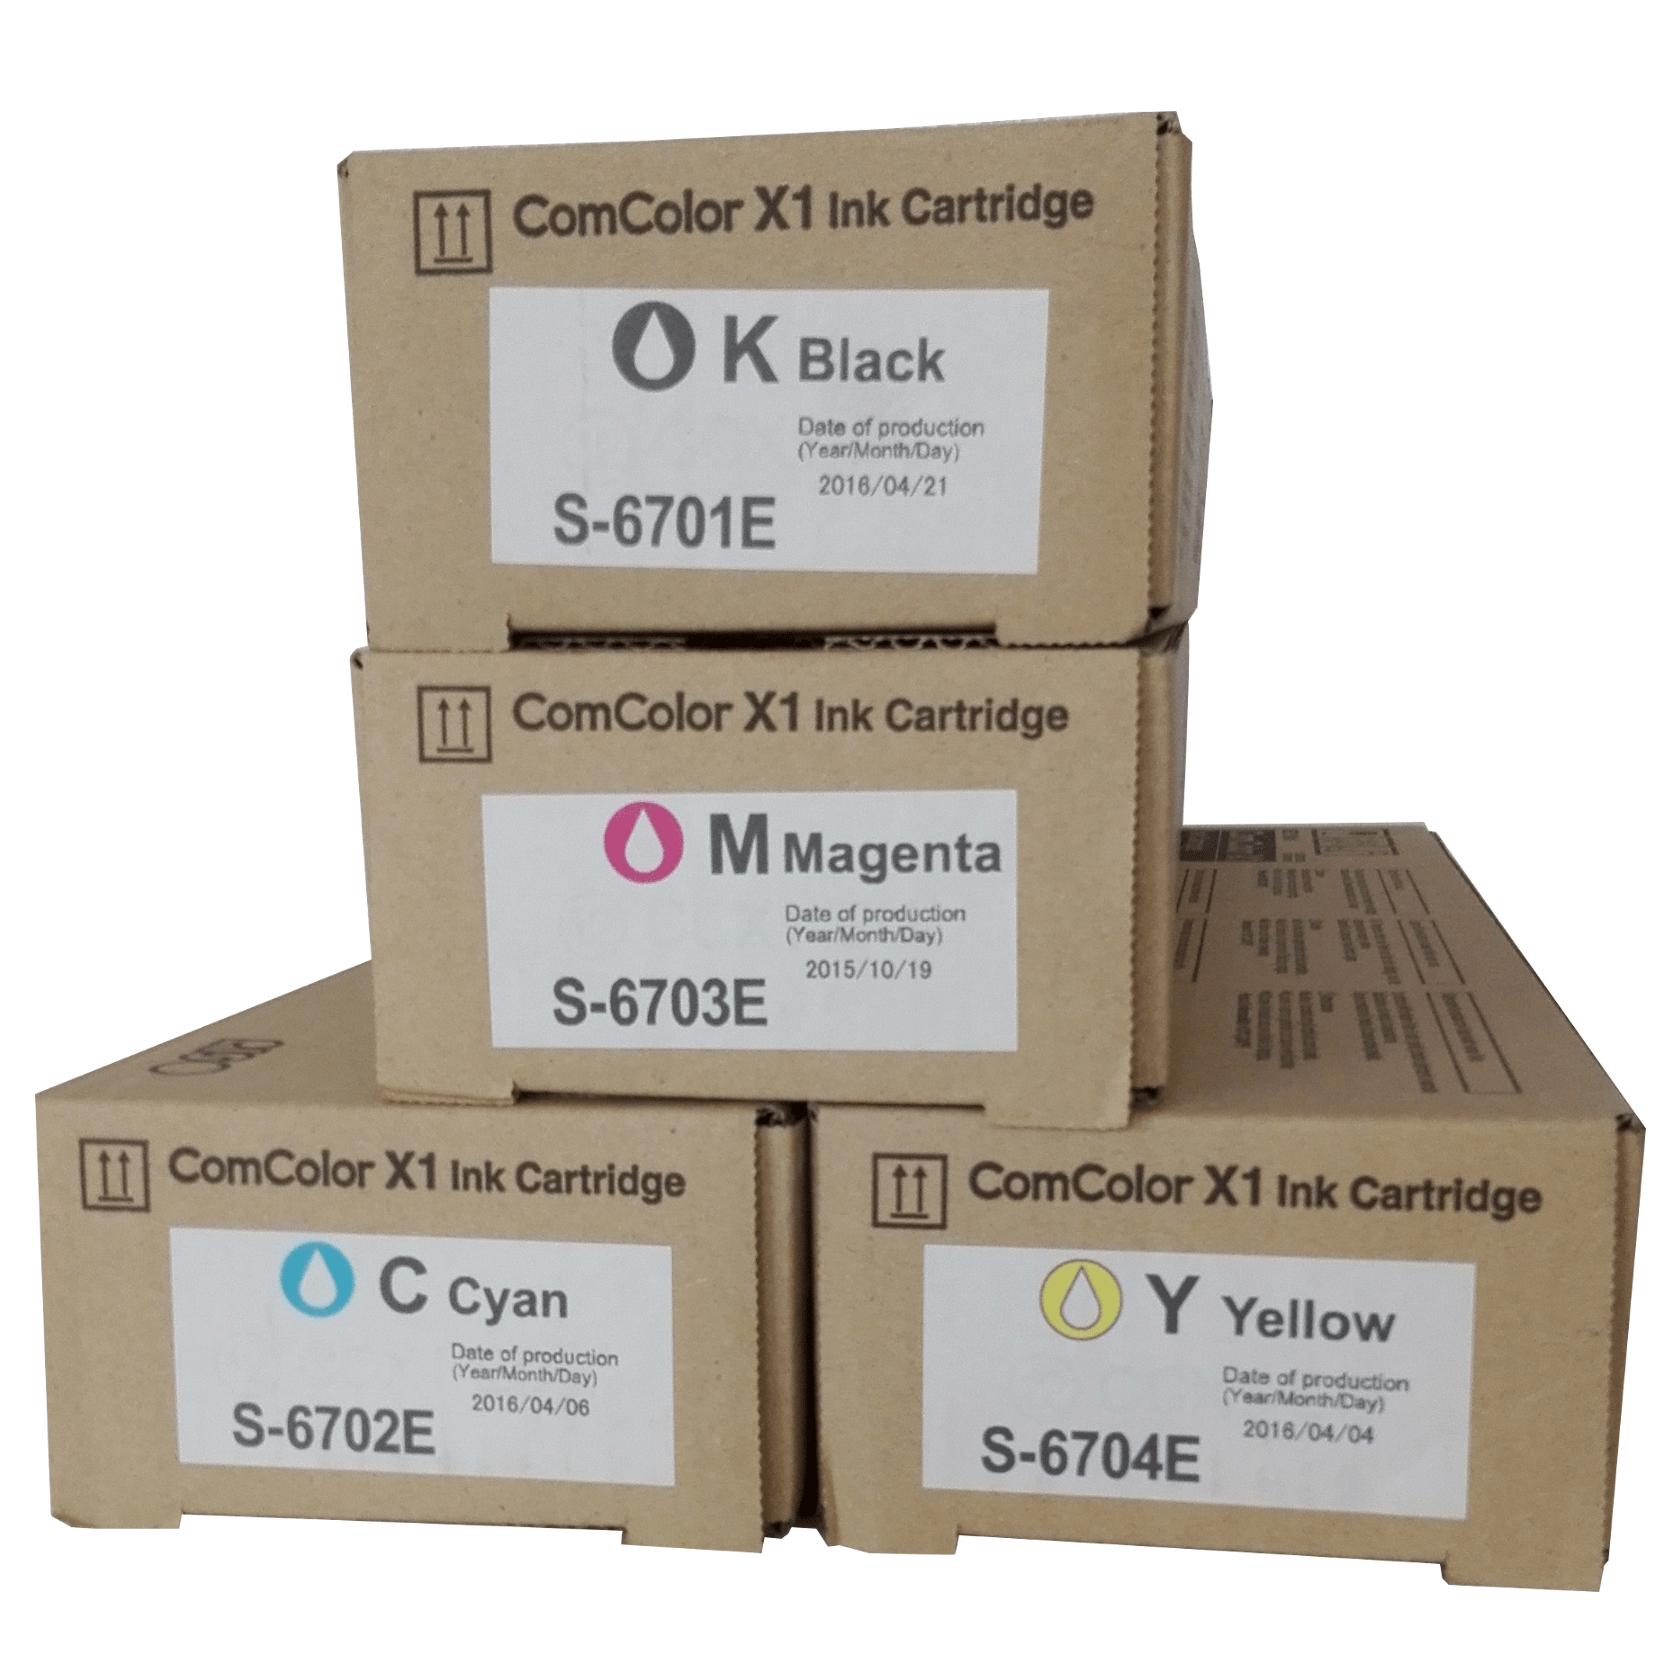 Farby (tusze) Riso - ComColor X1 Ink Cartridge - S-6701E S-6702E S-6703E S-6704E